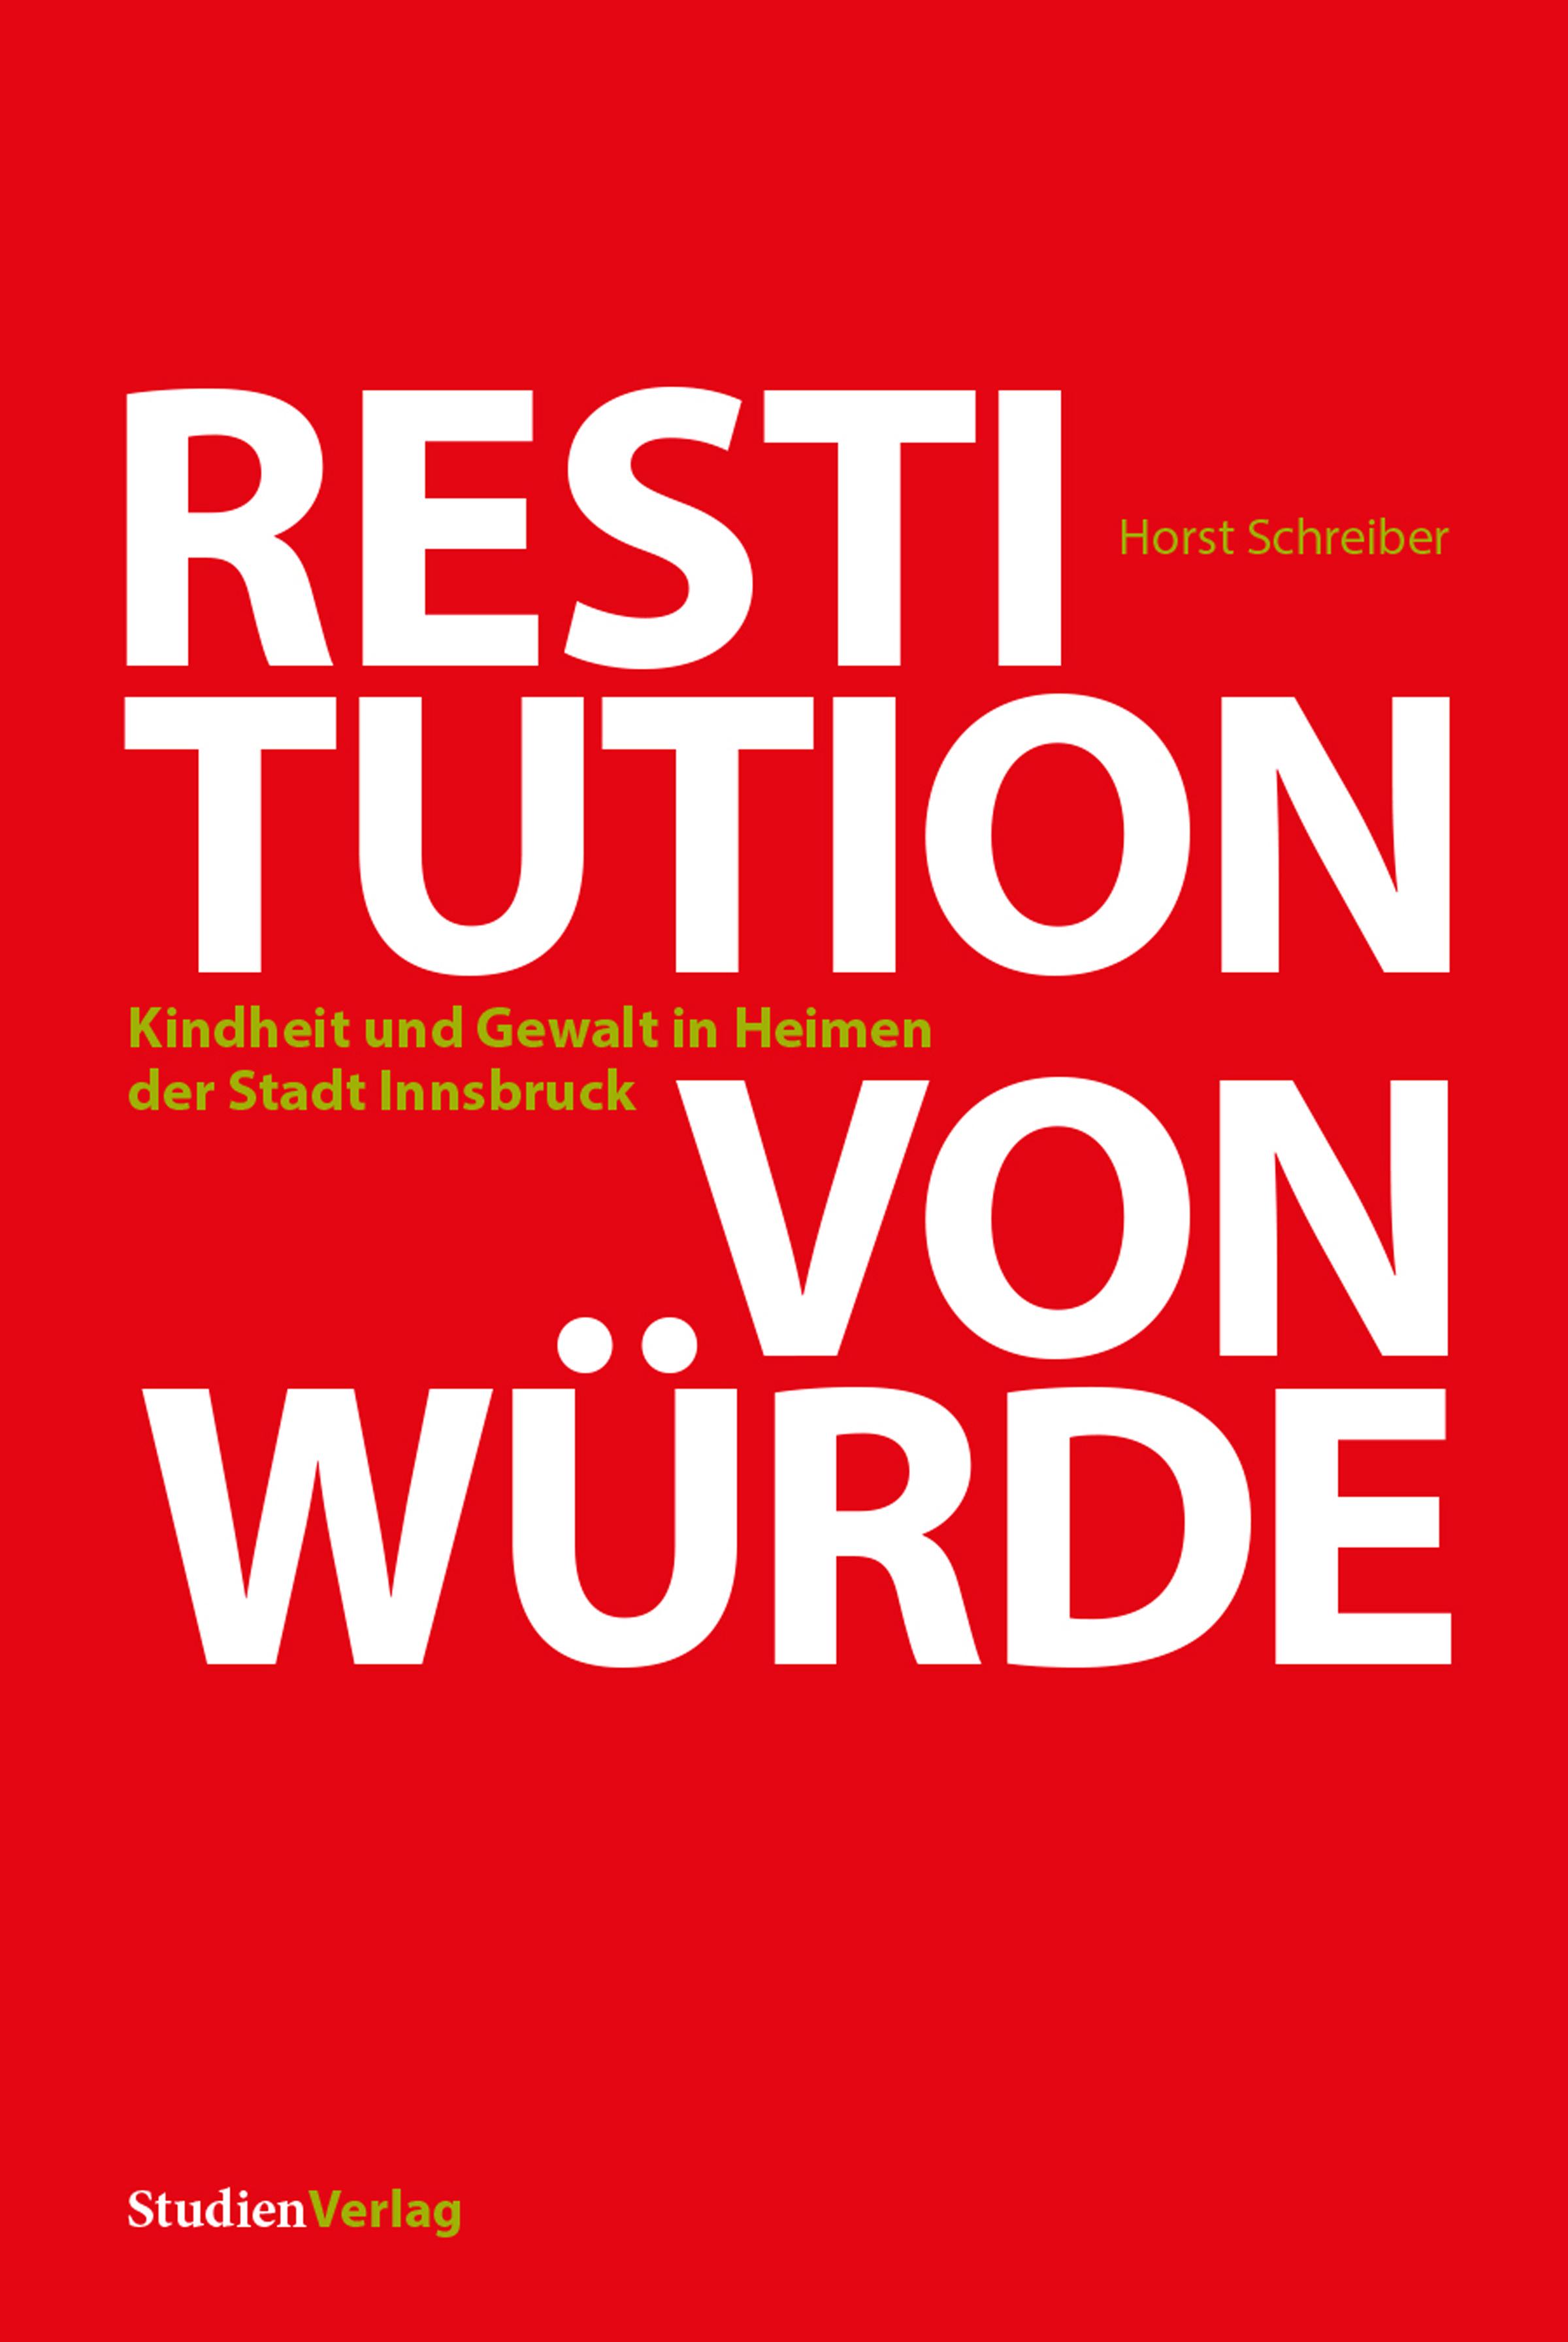 Horst Schreiber Restitution von Würde katrin morgen geraubte würde